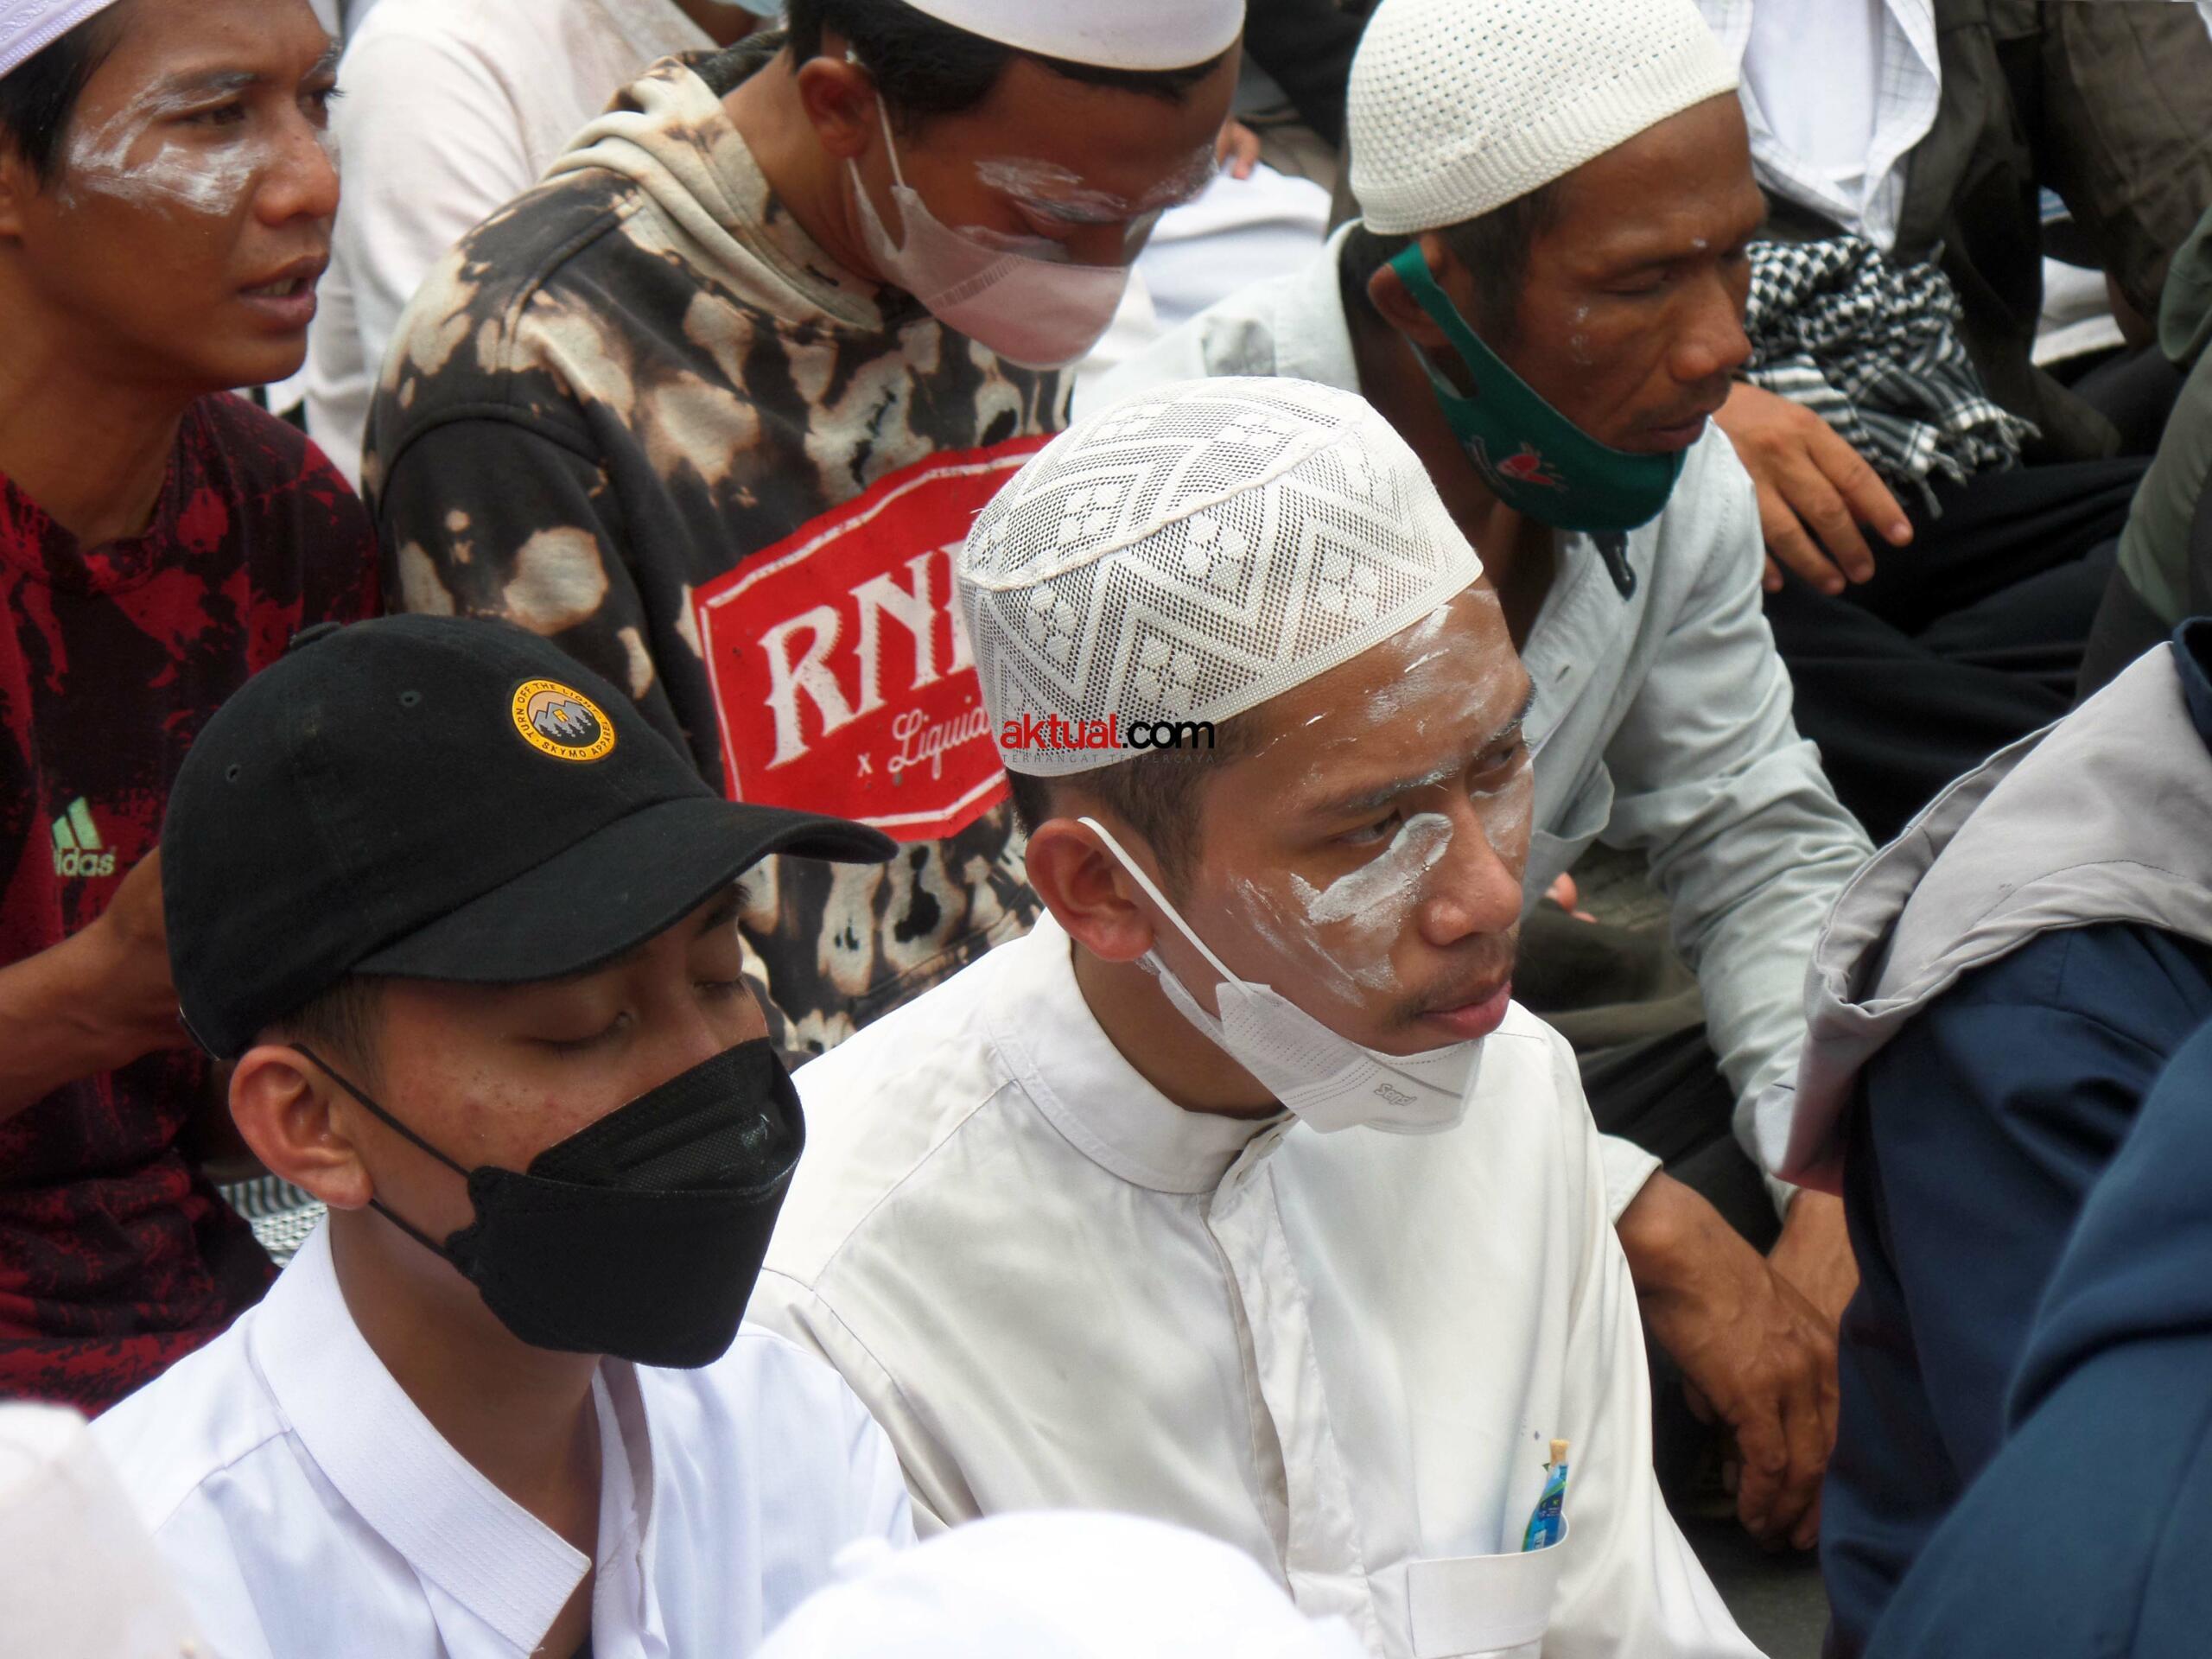 Dipimpin imam shalat, sejumlah massa simpatisan Habib Rizieq Shihab (HRS) panjatkan doa keselamatan dan perlindungan untuk Imam Besar Habib Rizieq Shihab (IB HRS) di ruas Jl I Gusti Ngurah Rai, Klender Jakarta Timur dalam sidang putusan HRS dalam kasus Swab Rumah Sakit Ummi yang digelar di Pengadilan Negeri Jakarta Timur, Kamis (24/6). Foto: Warnoto / Aktual.com